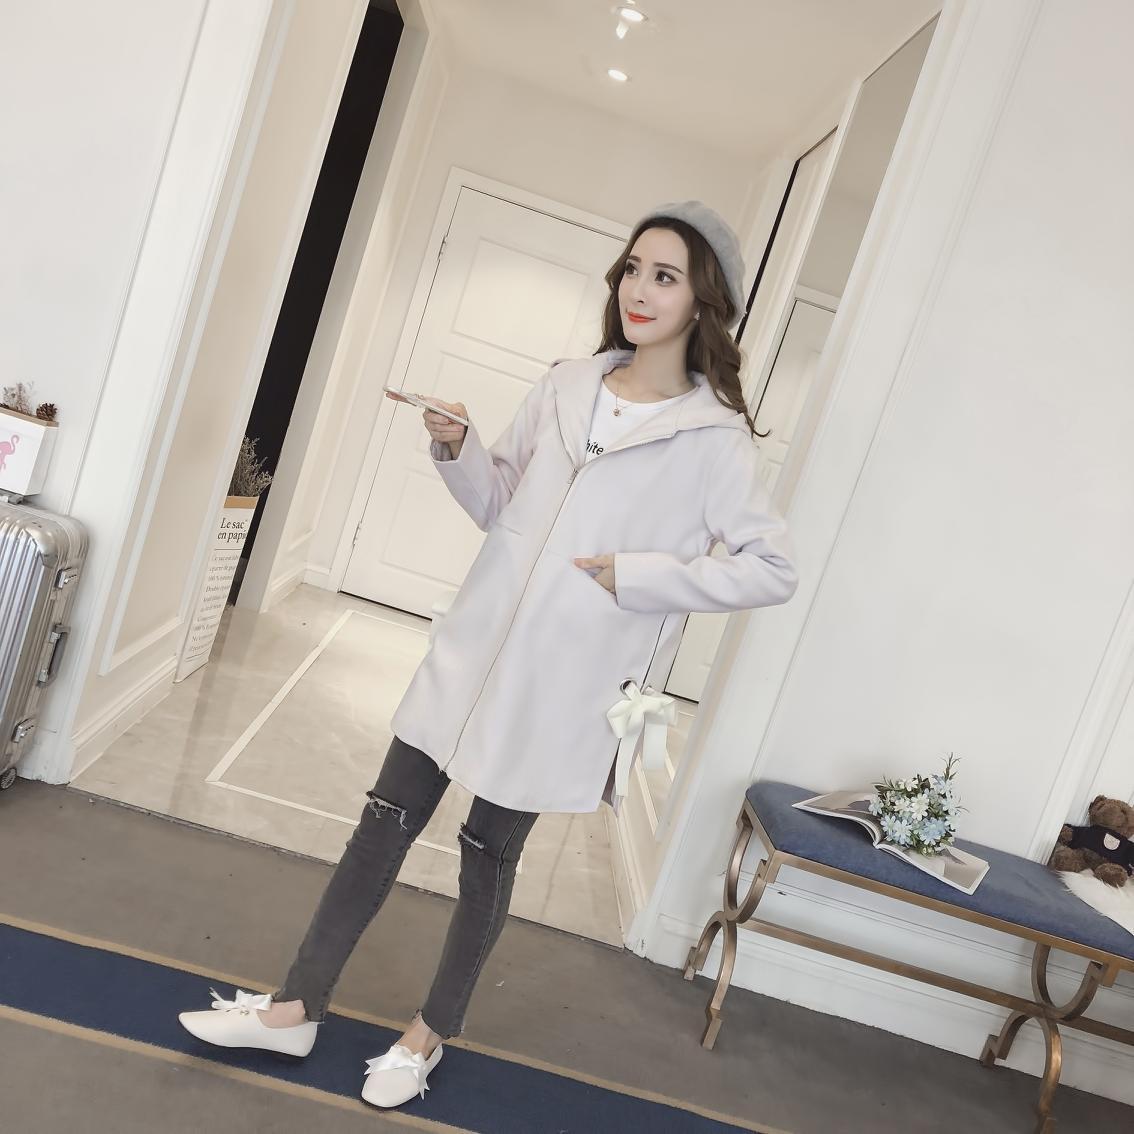 Pengpious 2019 autunno inverno di maternità bowknot vestiti di lana con cappuccio cappotto di gravidanza trapuntato ispessimento outwear giacche + tasche